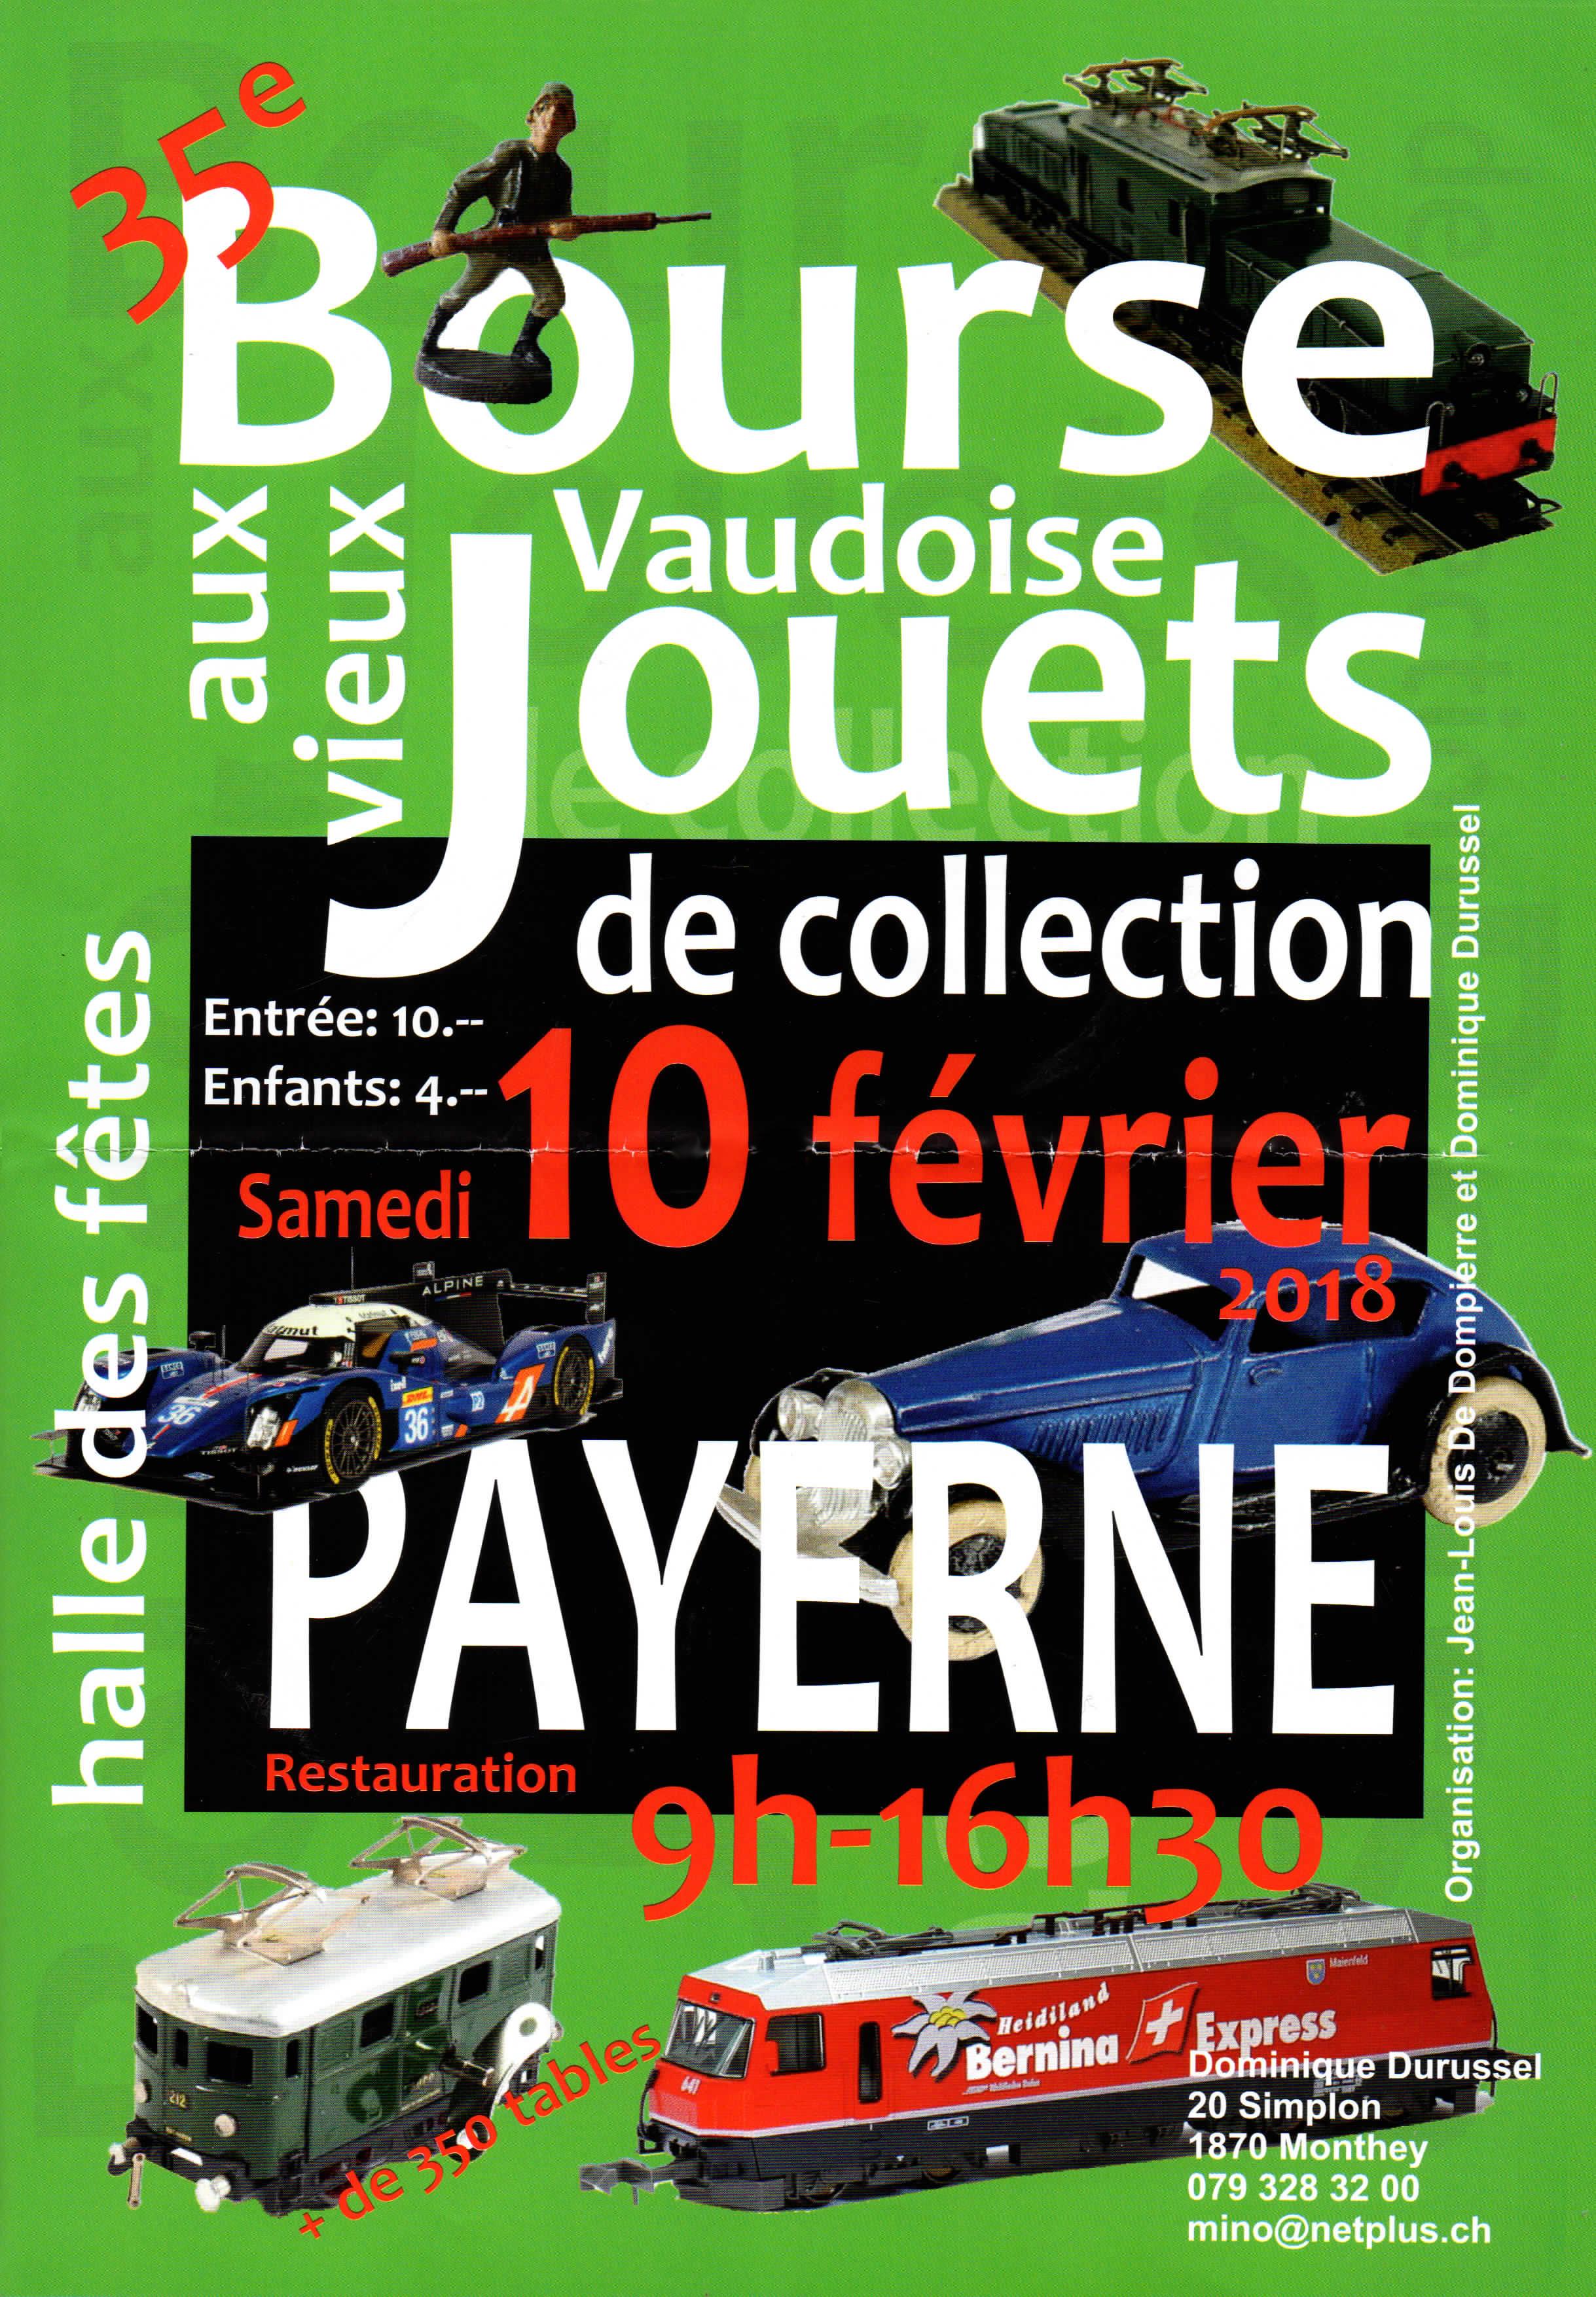 Bourse Vaudoise aux vieux jouets (35e) @ Halle des fêtes | Payerne | Vaud | Suisse